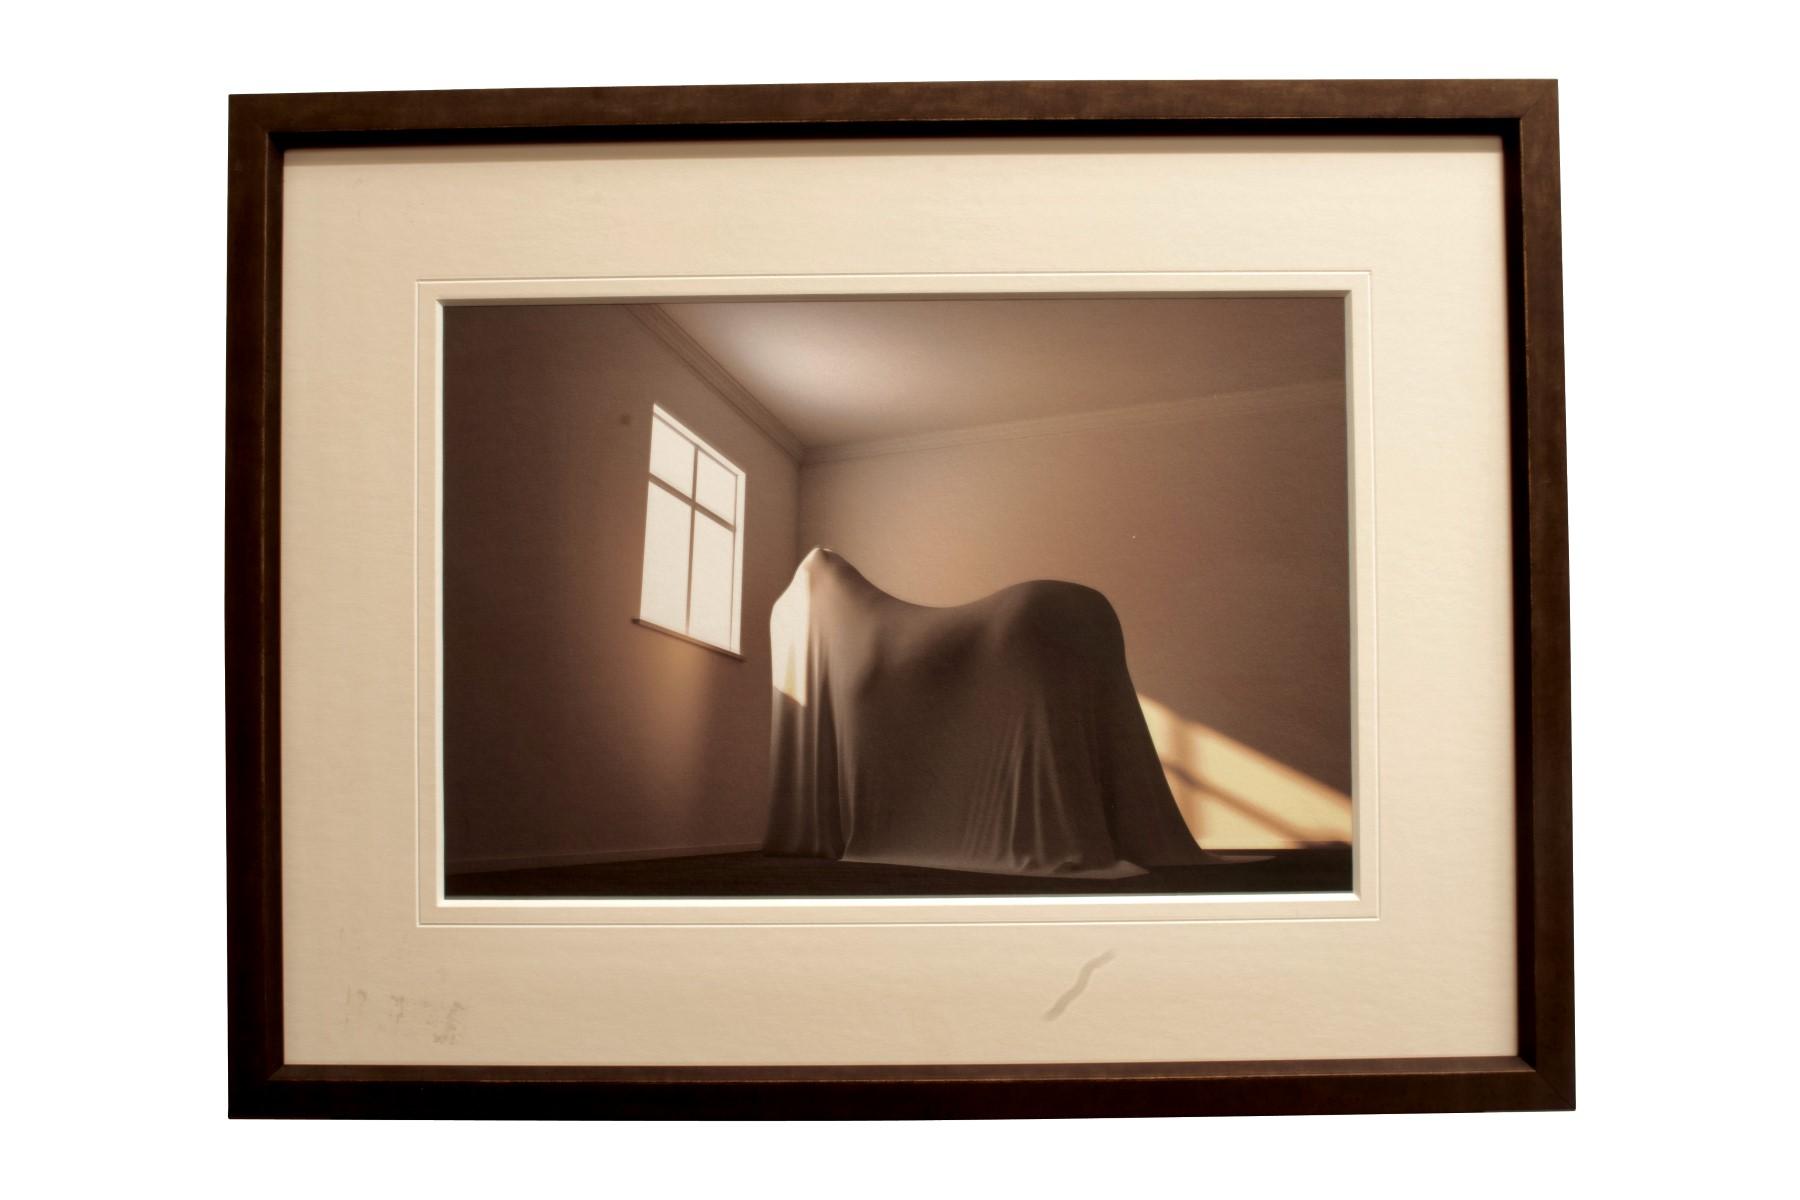 #62 Stefan Krische (1986), Image works | Stefan Krische (1986), Image works Image